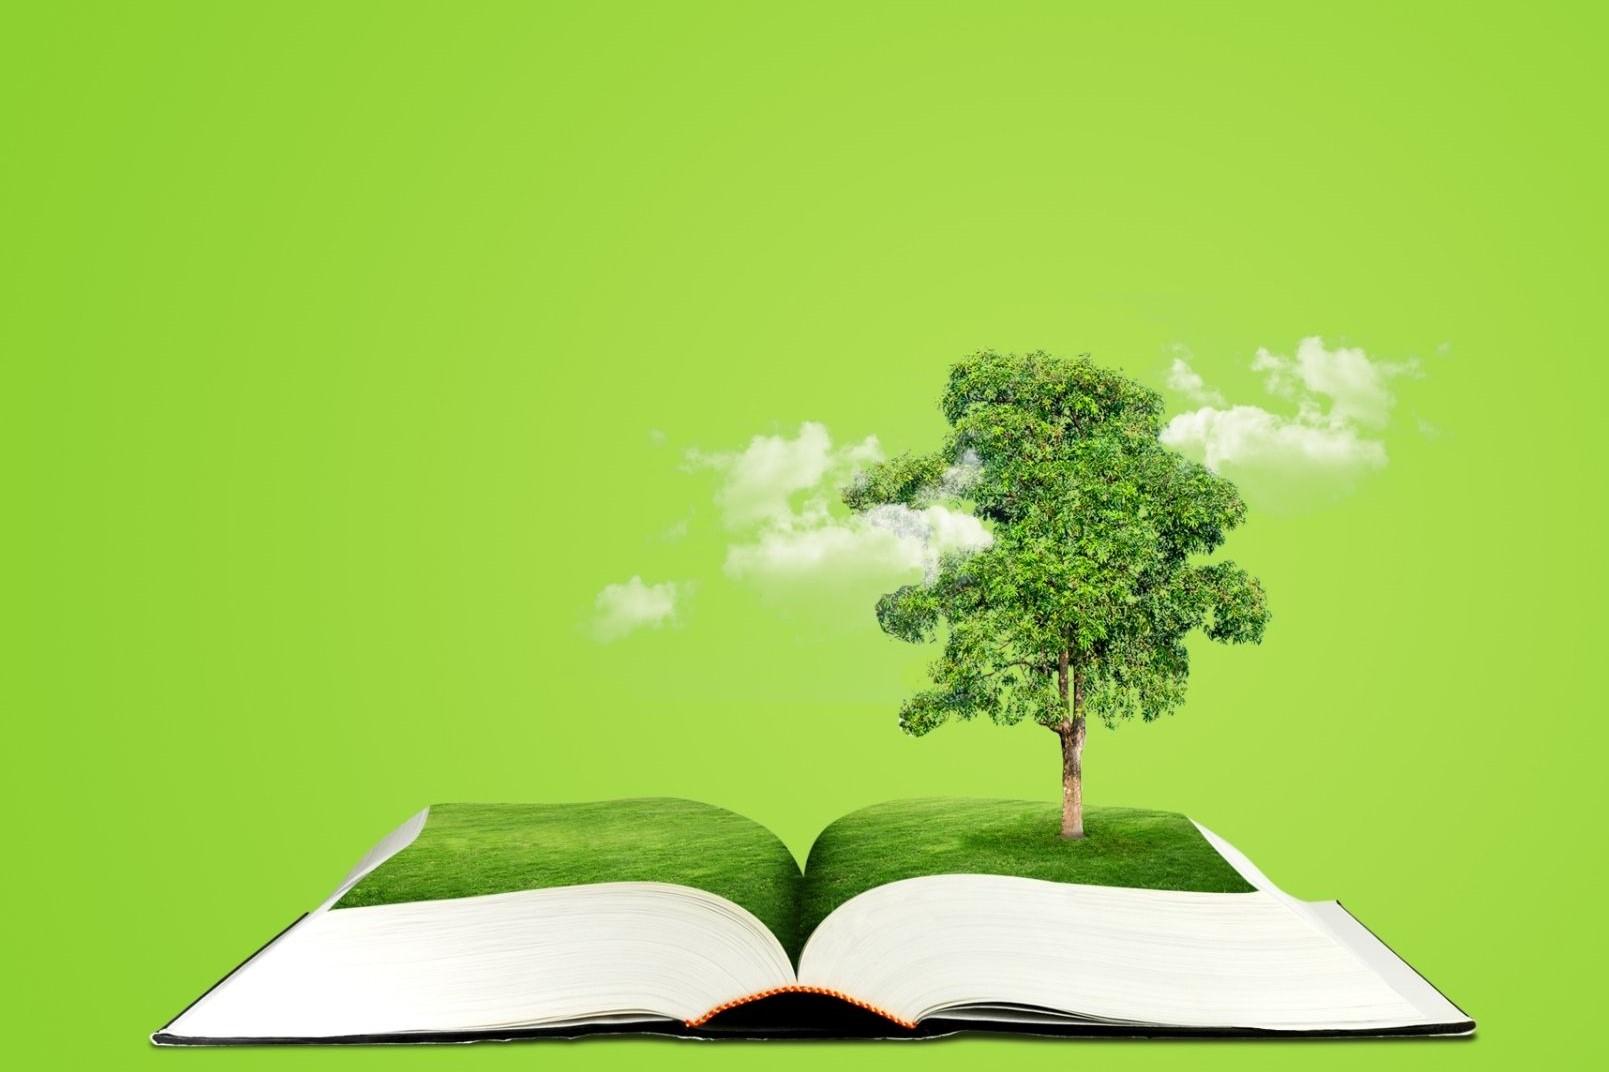 Le livre et le développement durable en Grand Est : participez au questionnaire